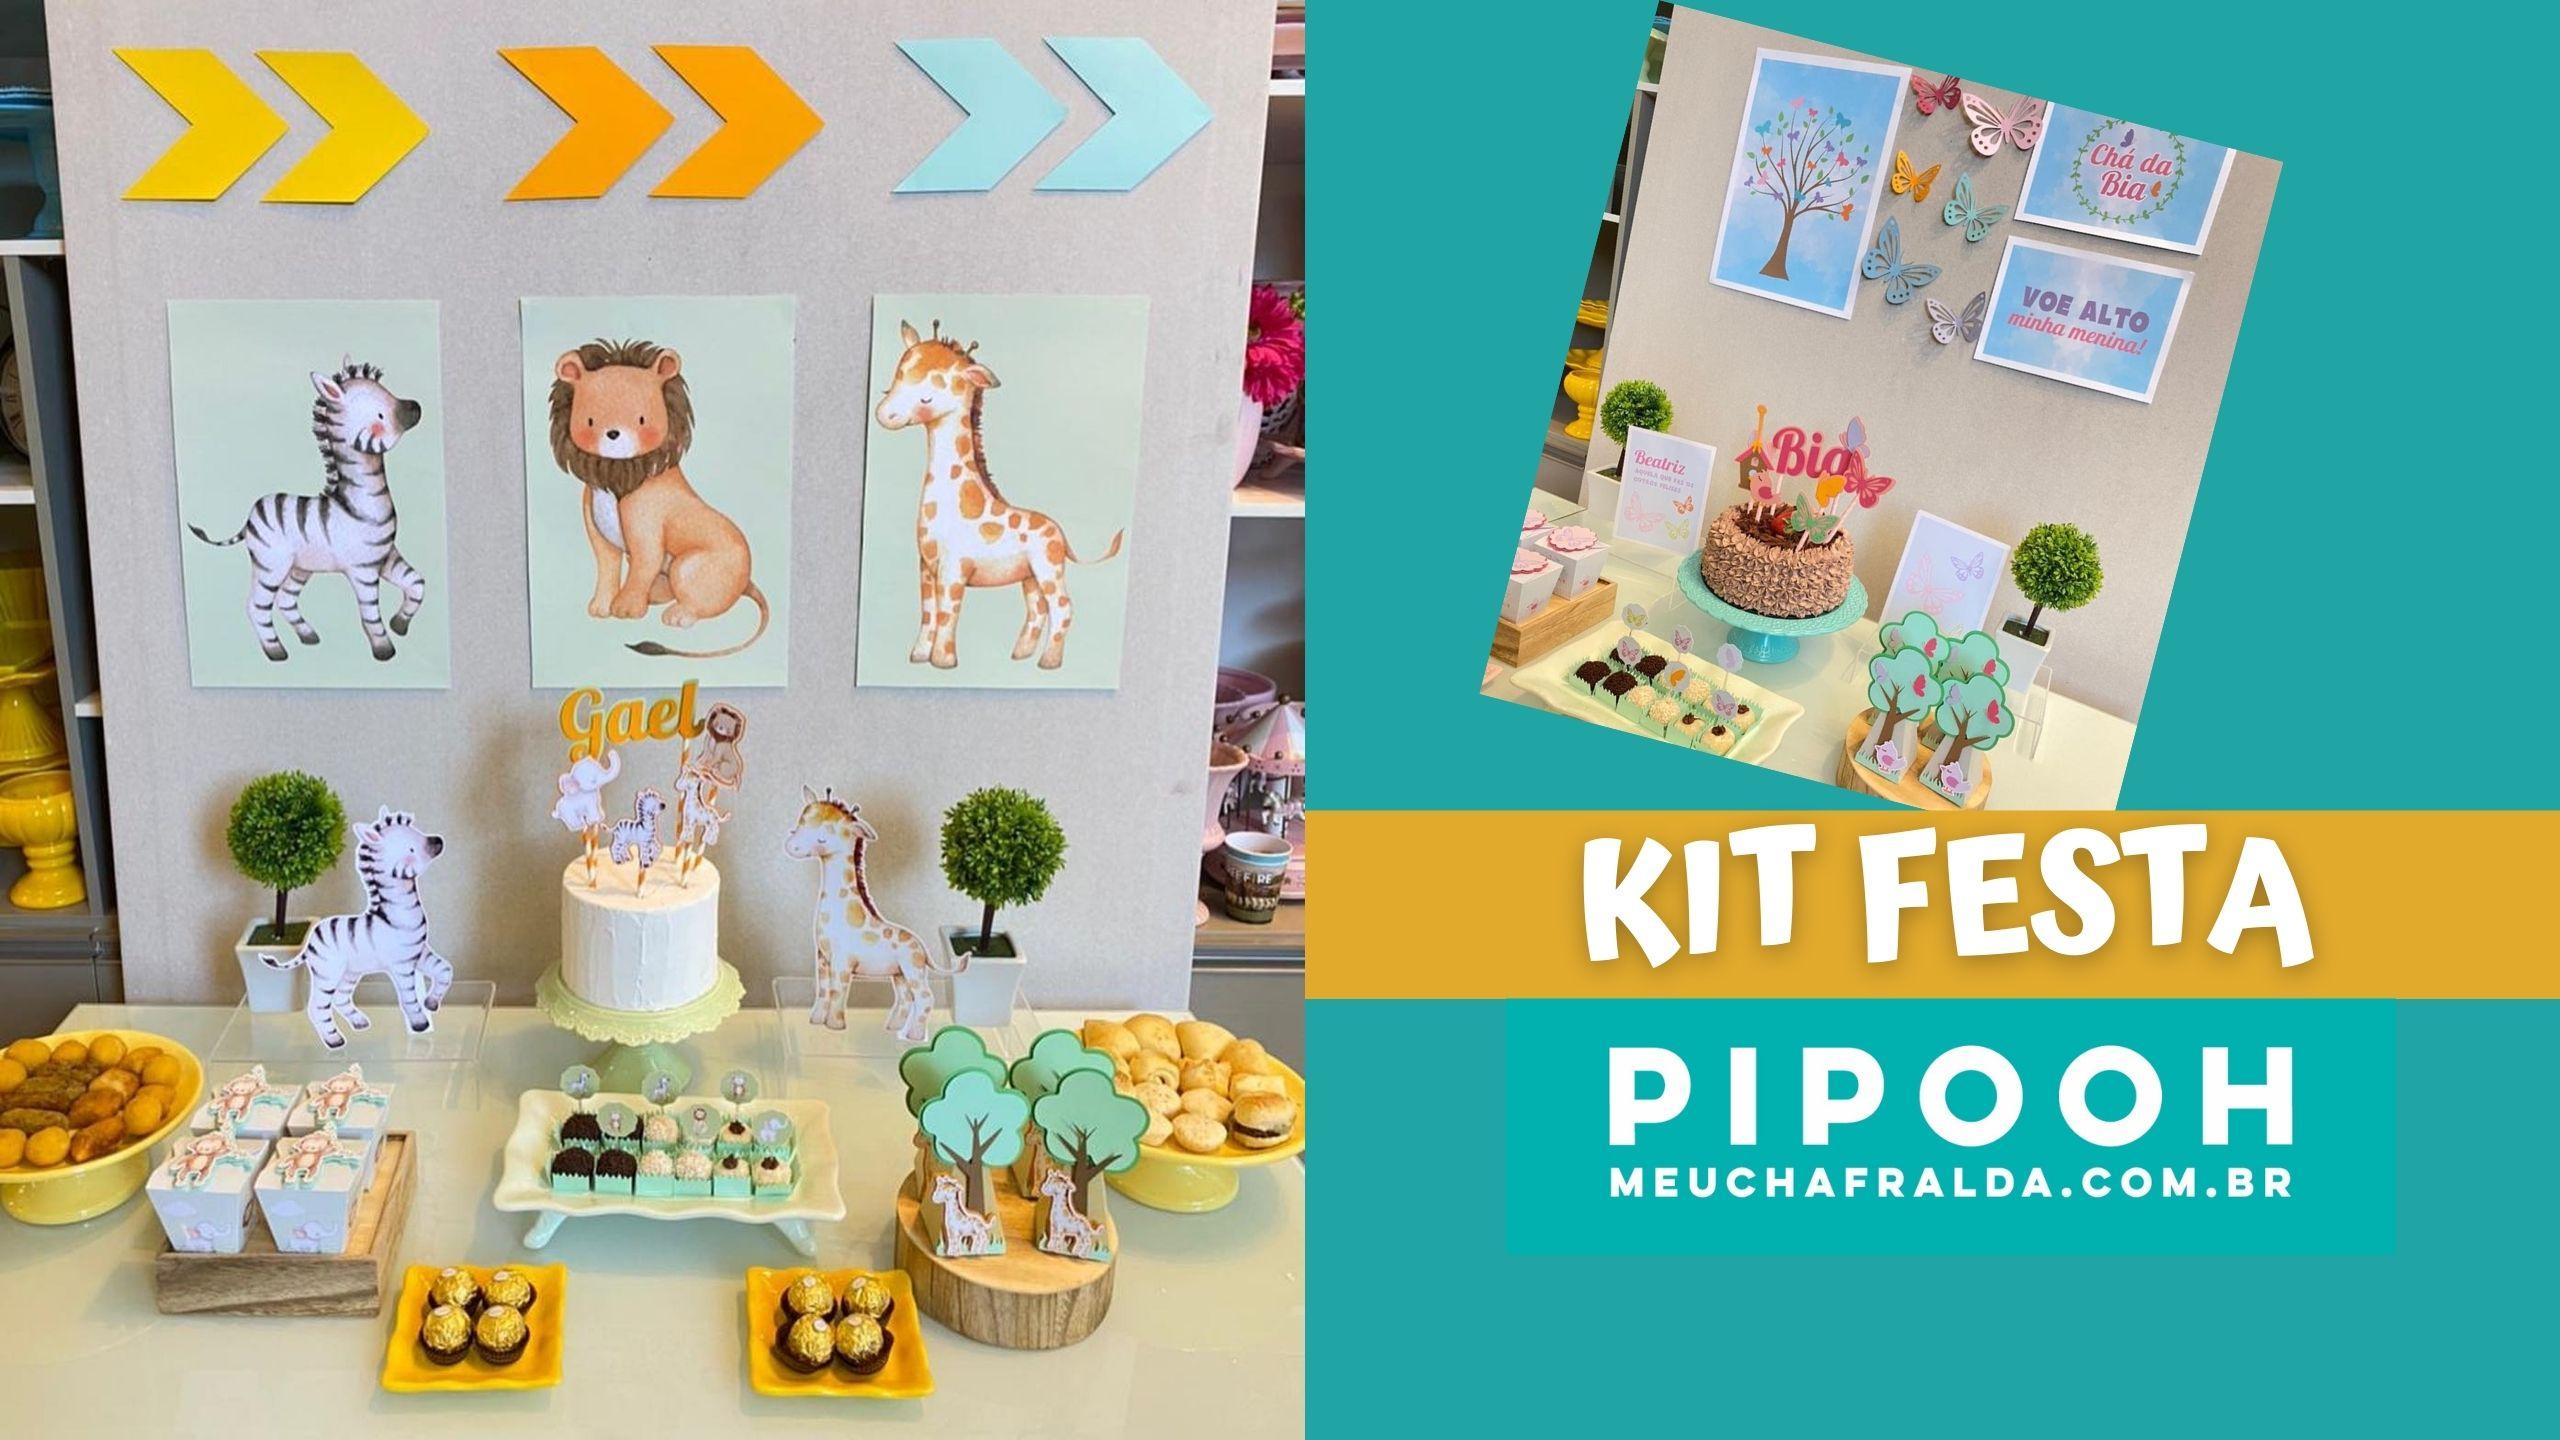 Kit Festa Chá de bebê/Chá de Fraldas da Pipooh